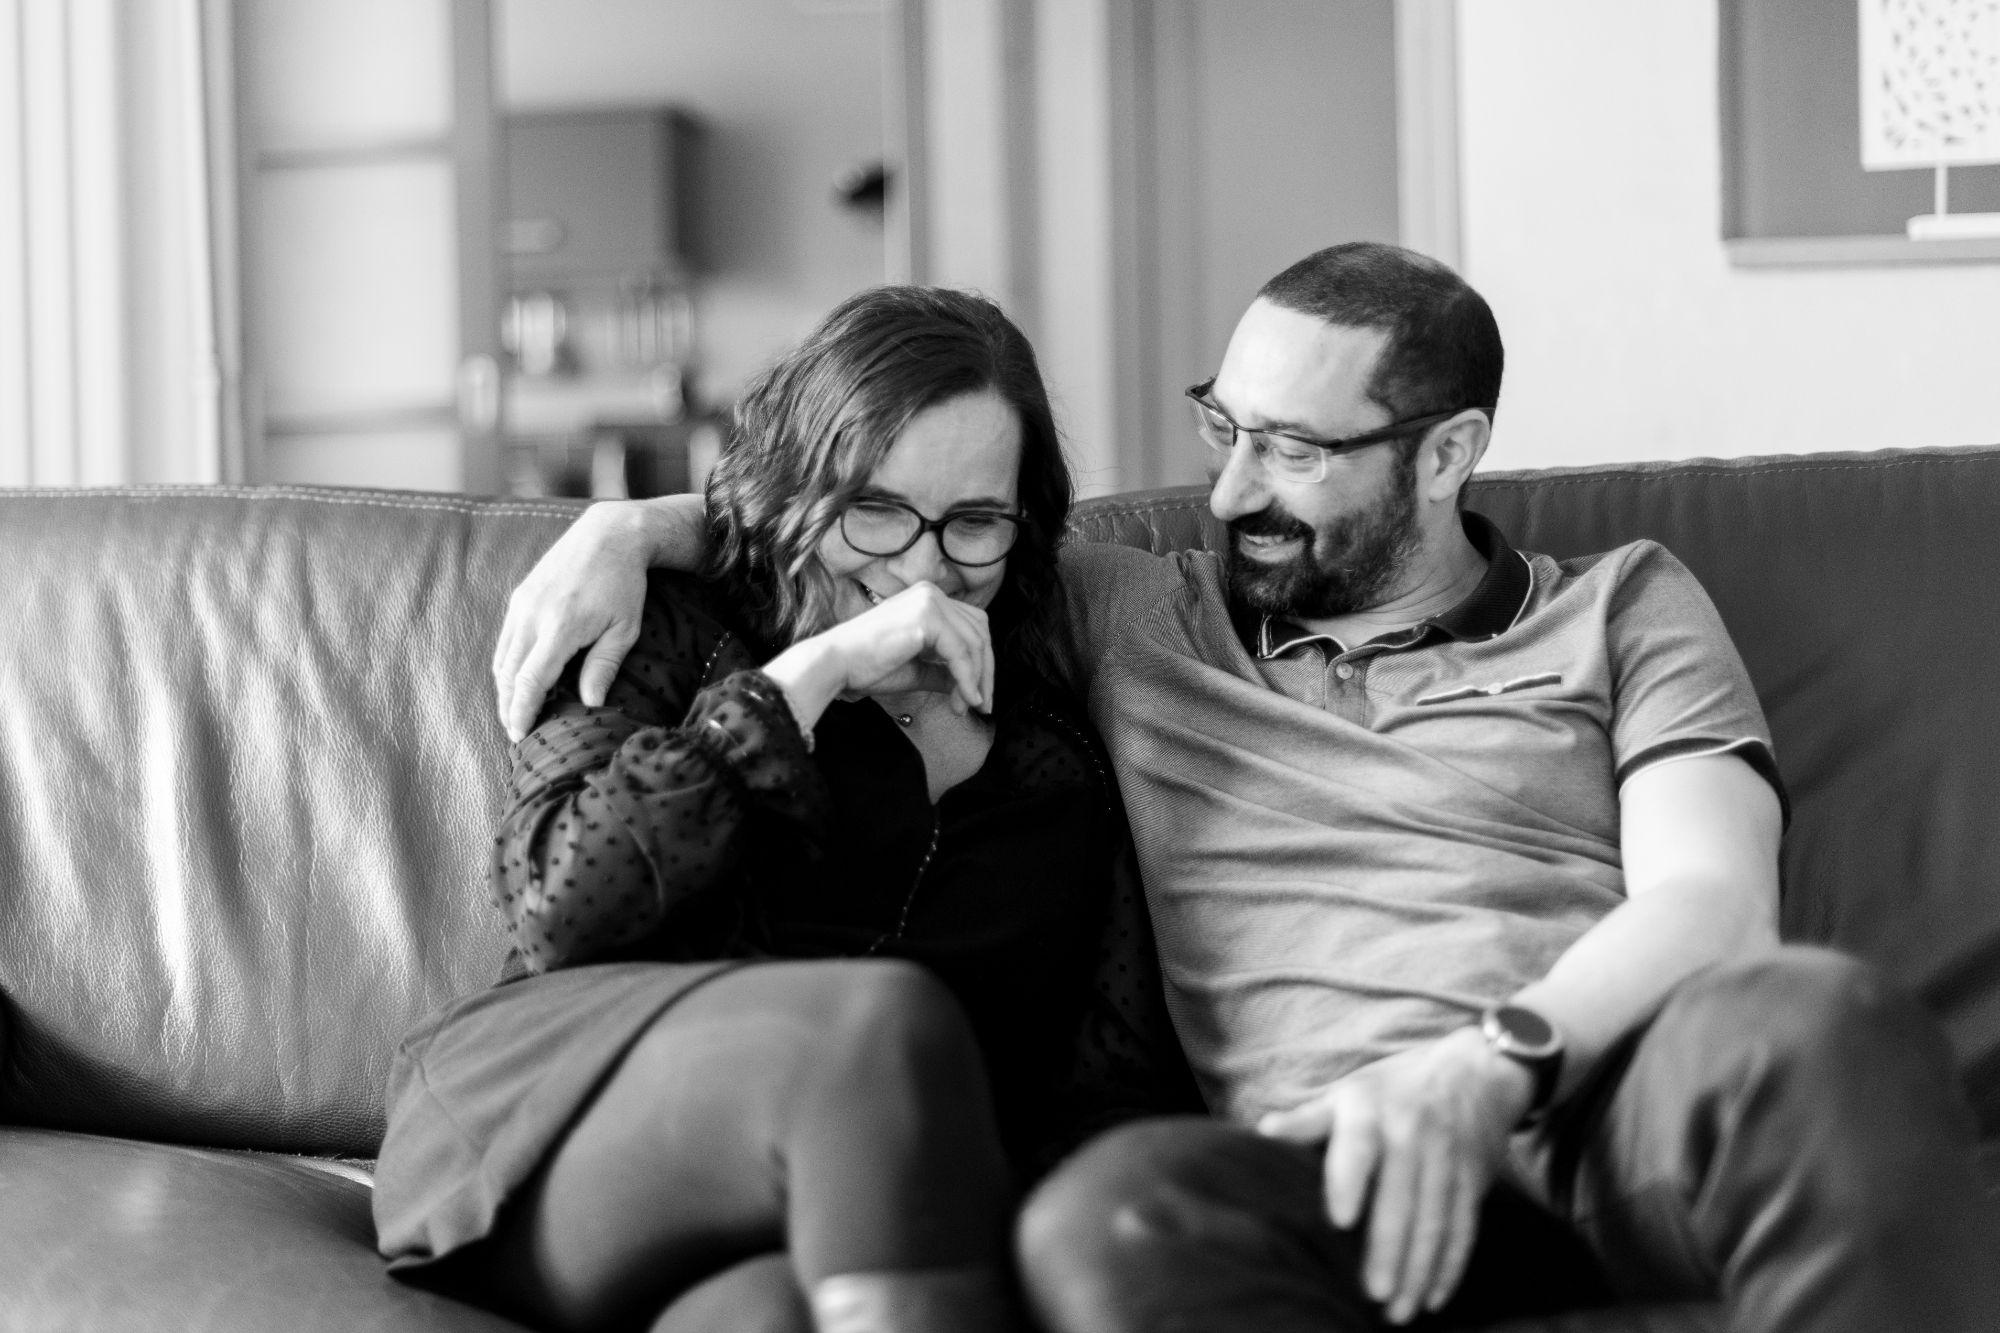 Priscilla Puzenat - Photographe professionnelle - Mariage et portrait - Une séance photo en famille à Auxerre en Bourgogne